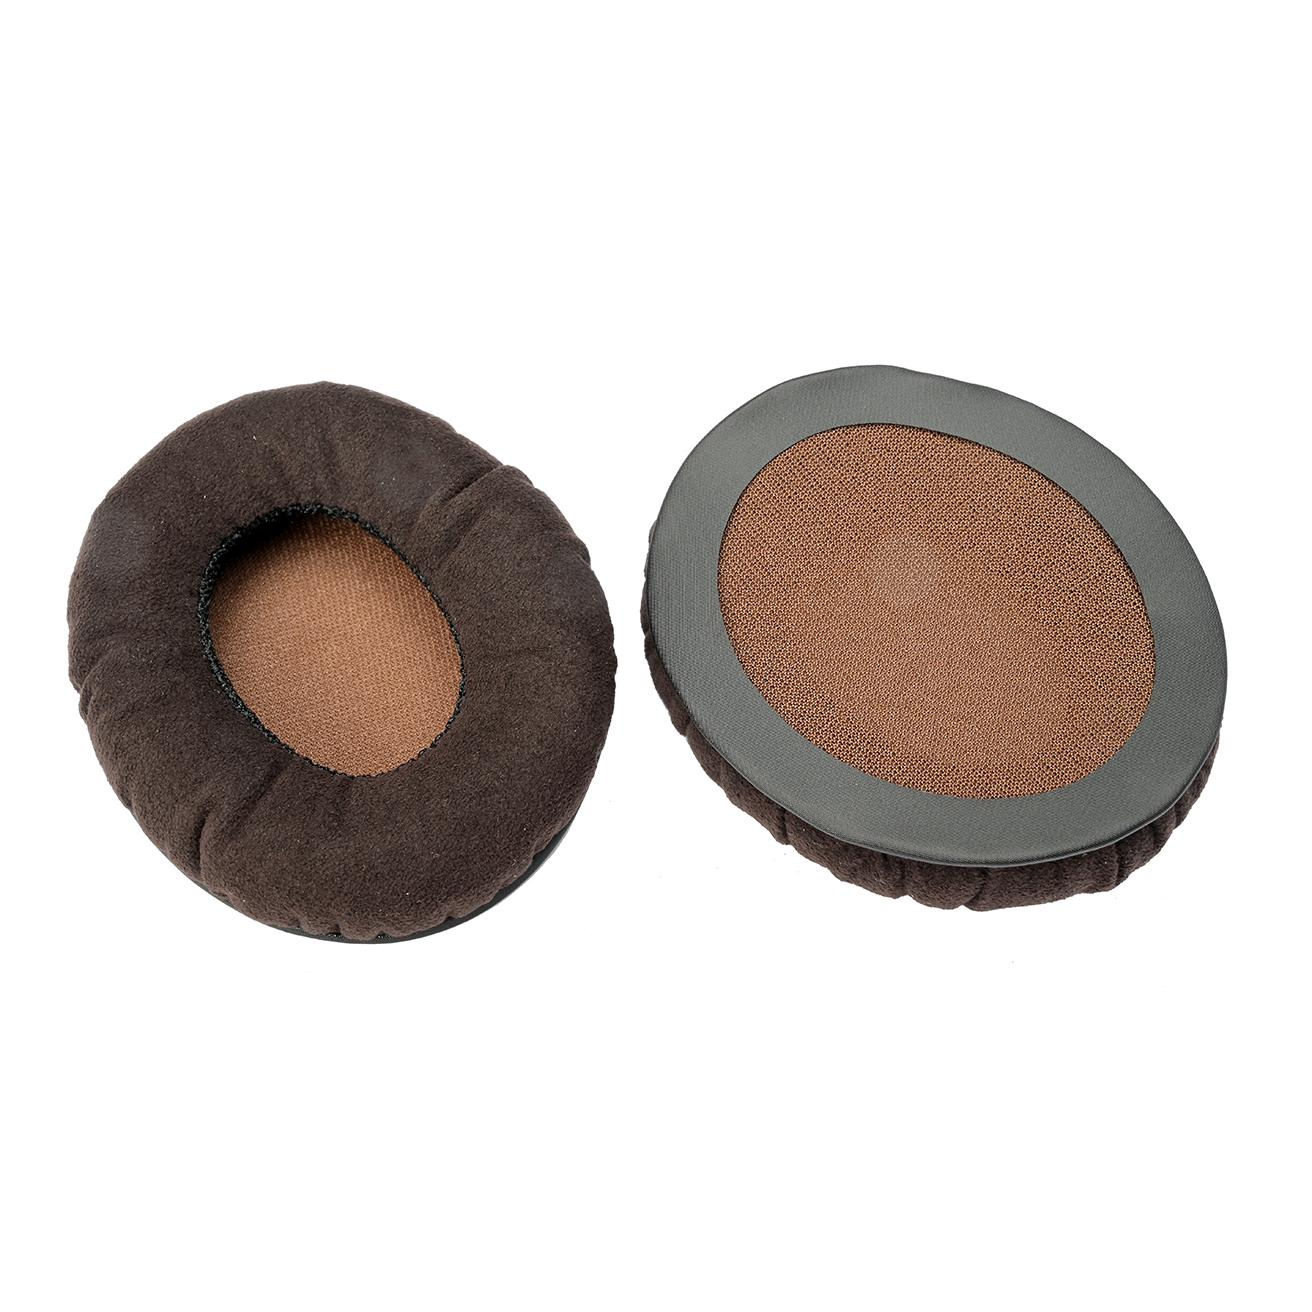 Ear pads, brown